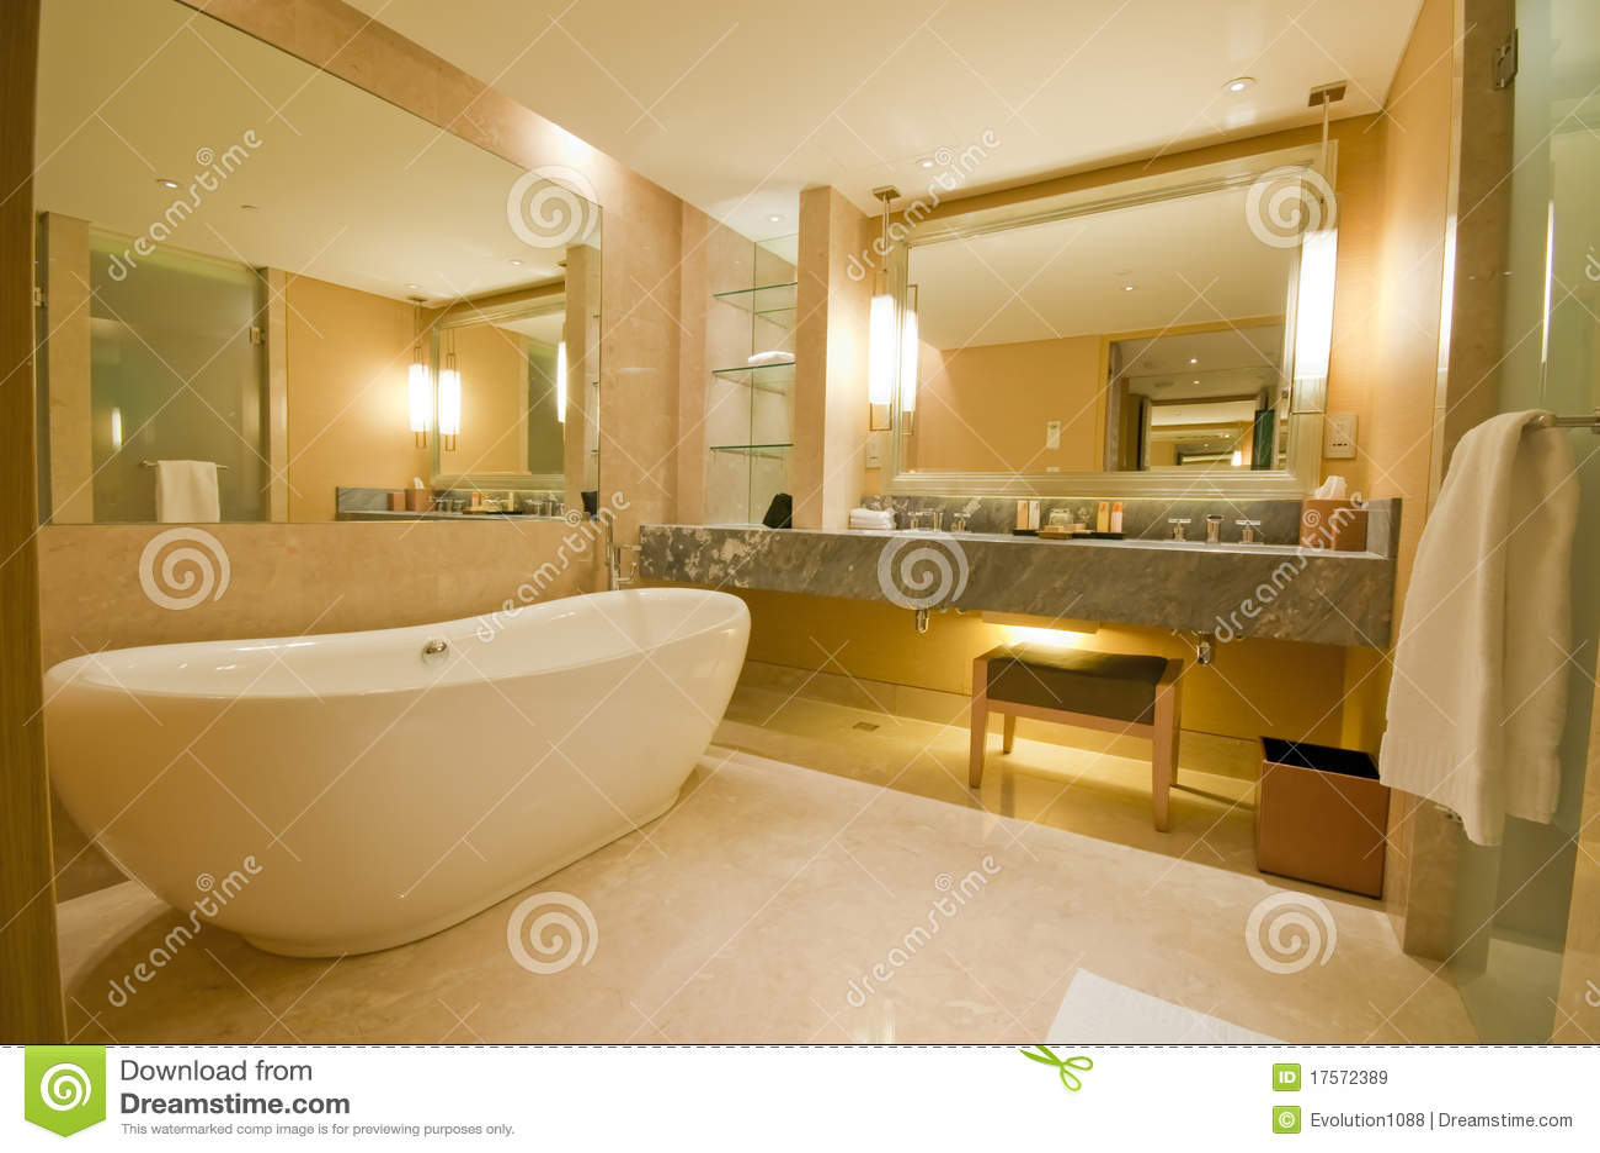 Cuarto de ba o lujoso imagen de archivo imagen de b ese 17572389 - Cuadros de cuarto de bano ...